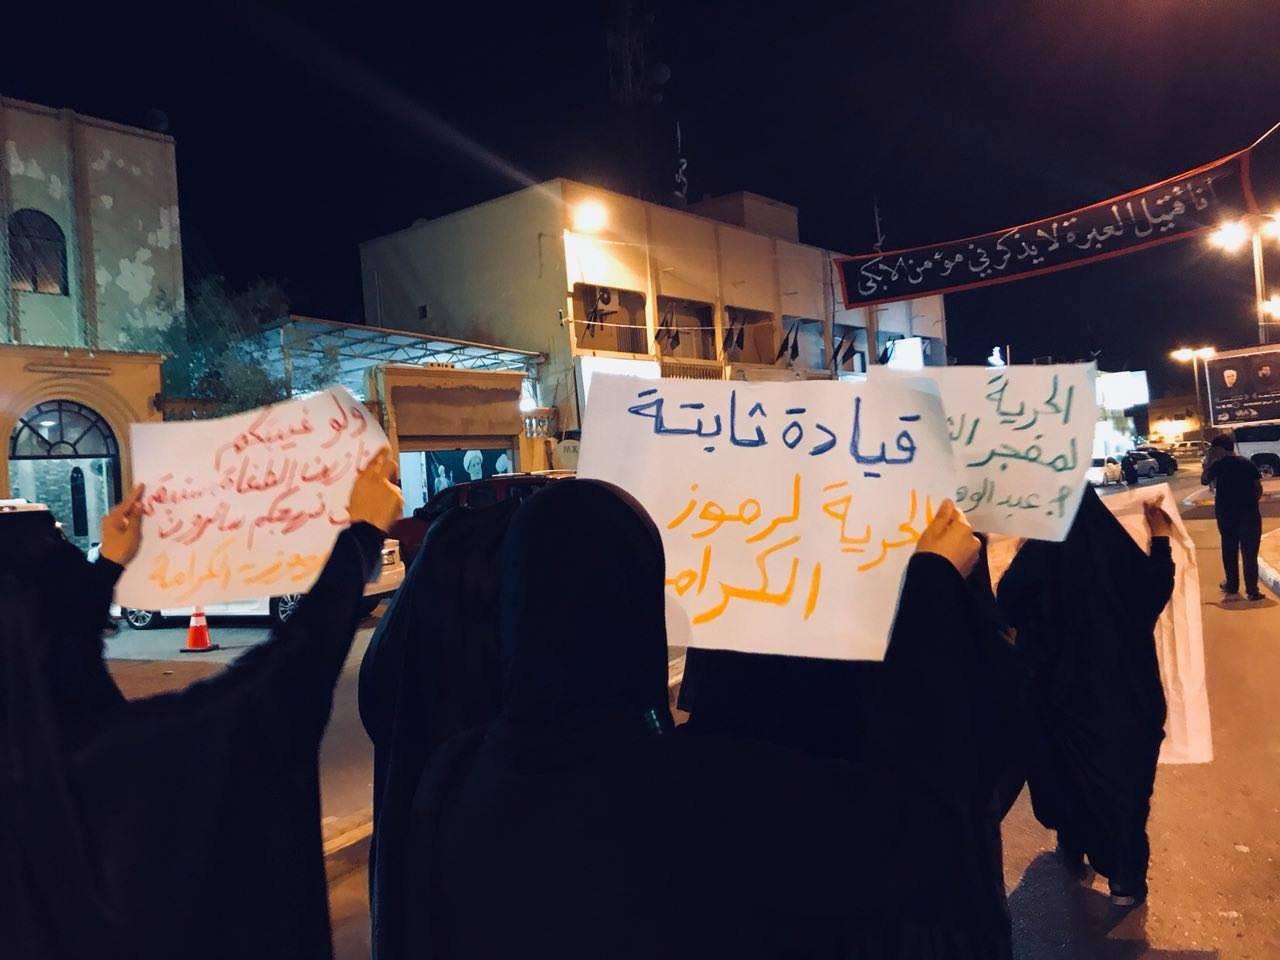 مسيرة نسويّة في «بوري» تتضامن مع رموز الكرامة المعتقلين